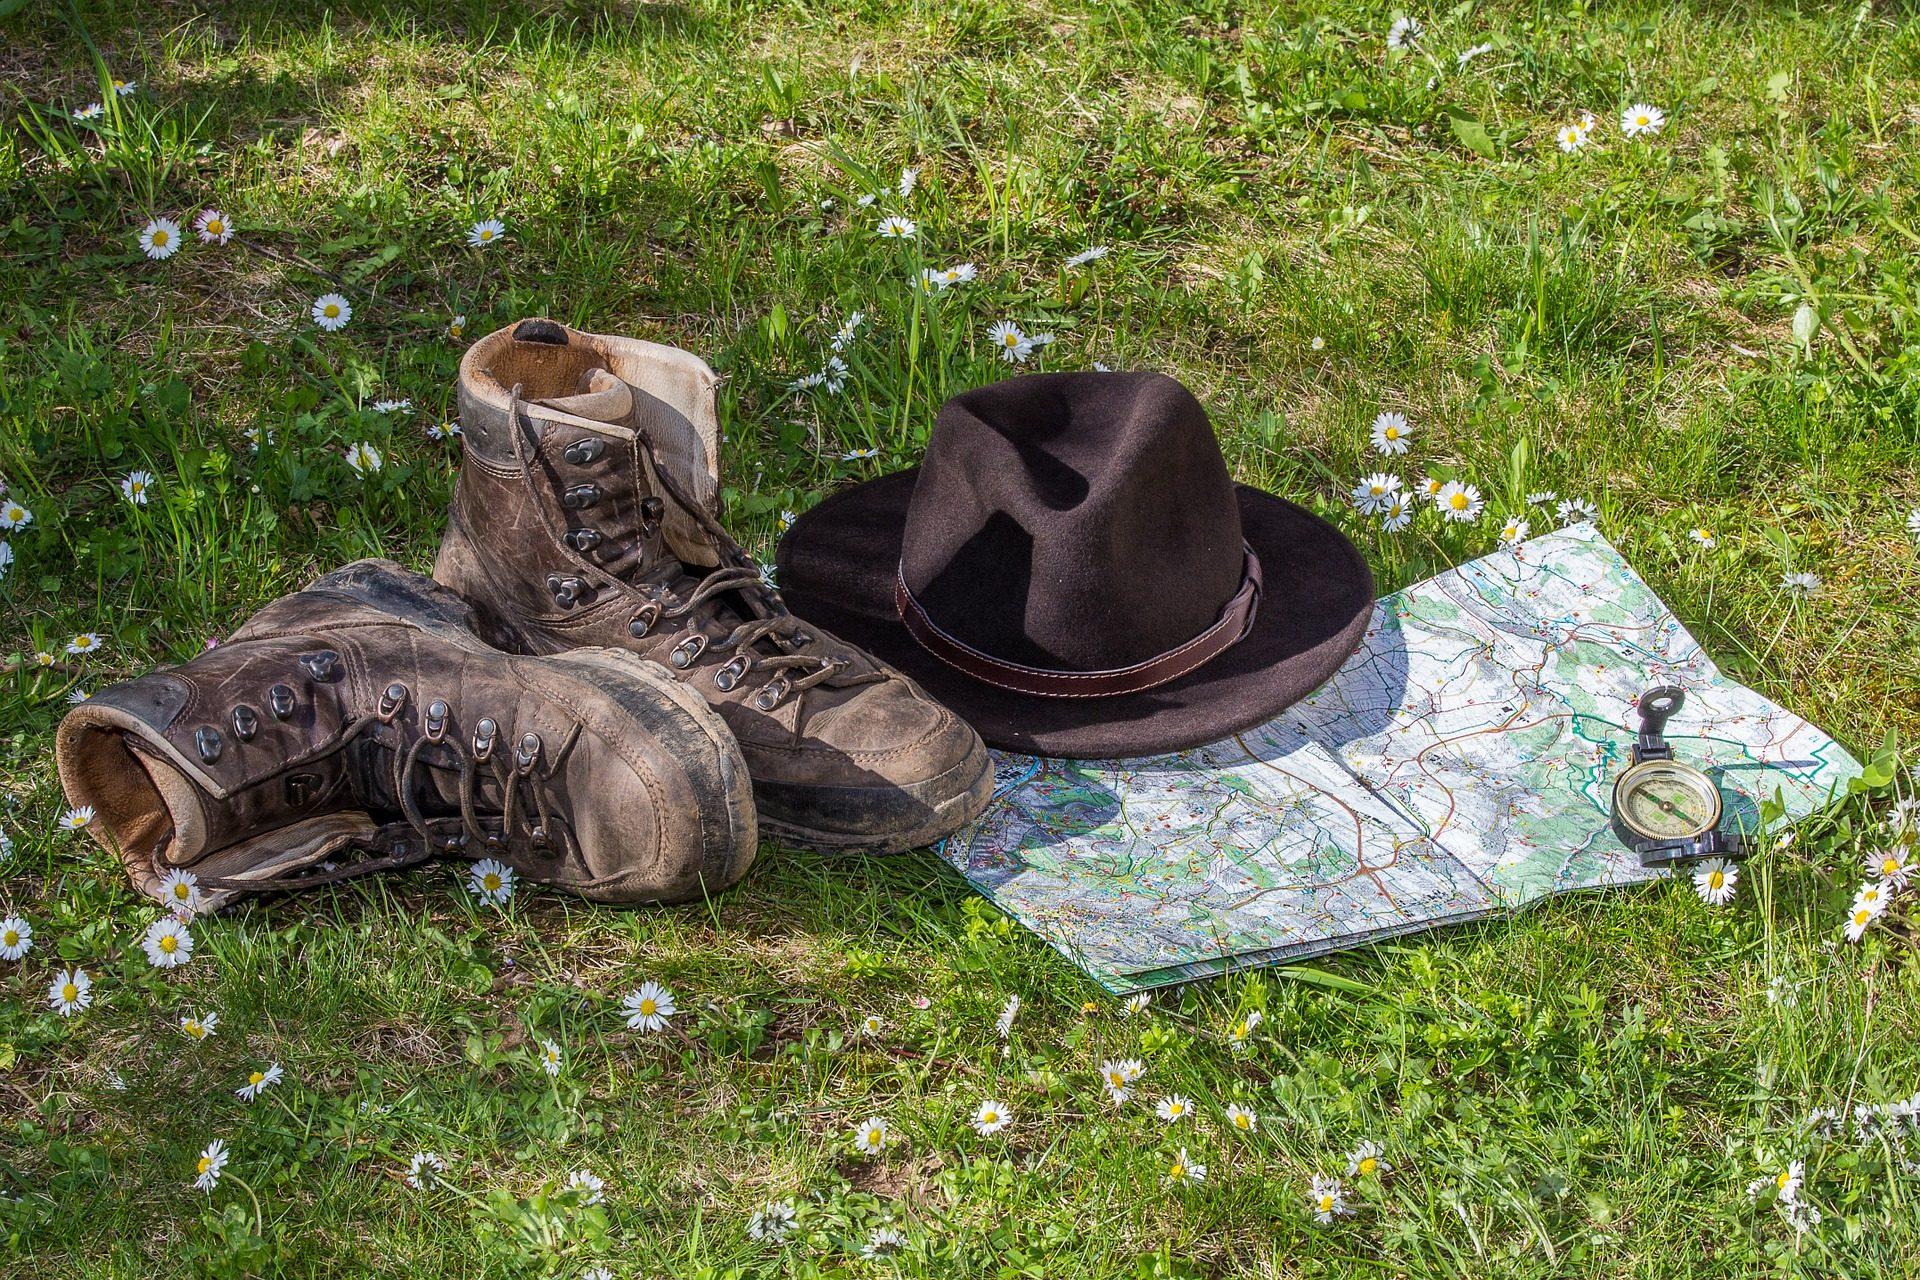 帽子, 靴子, 地图, brújula, 冒险, 玛格丽塔酒 - 高清壁纸 - 教授-falken.com